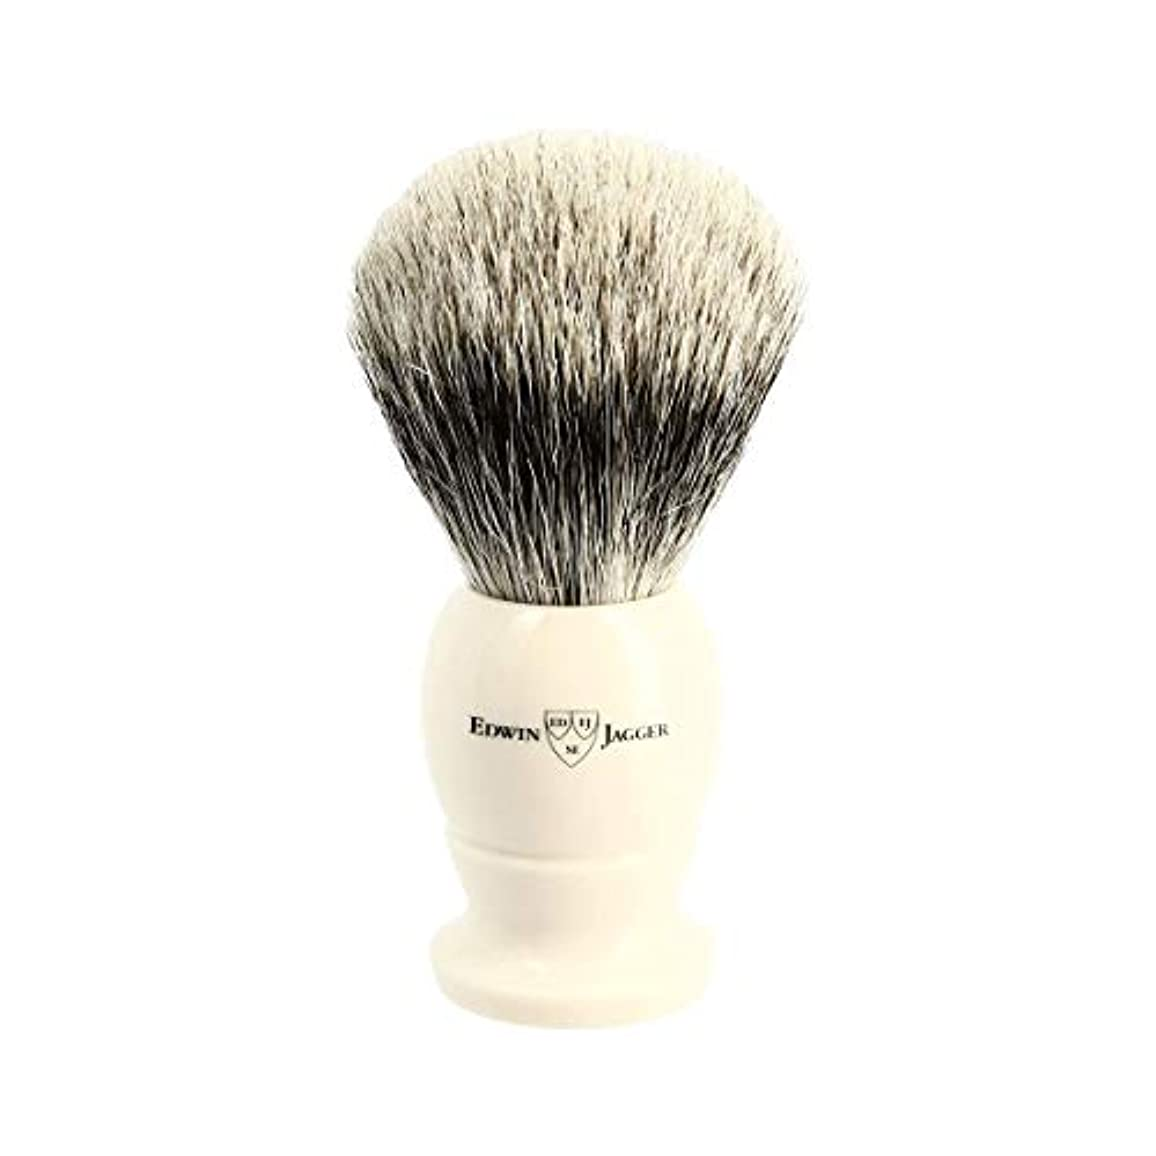 増幅する許容漏斗エドウィンジャガー アイボリー ベストバッジャーアナグマ毛 シェービングブラシ大3EJ877[海外直送品]Edwin Jagger Ivory Best Badger Shaving Brush Large 3EJ877...